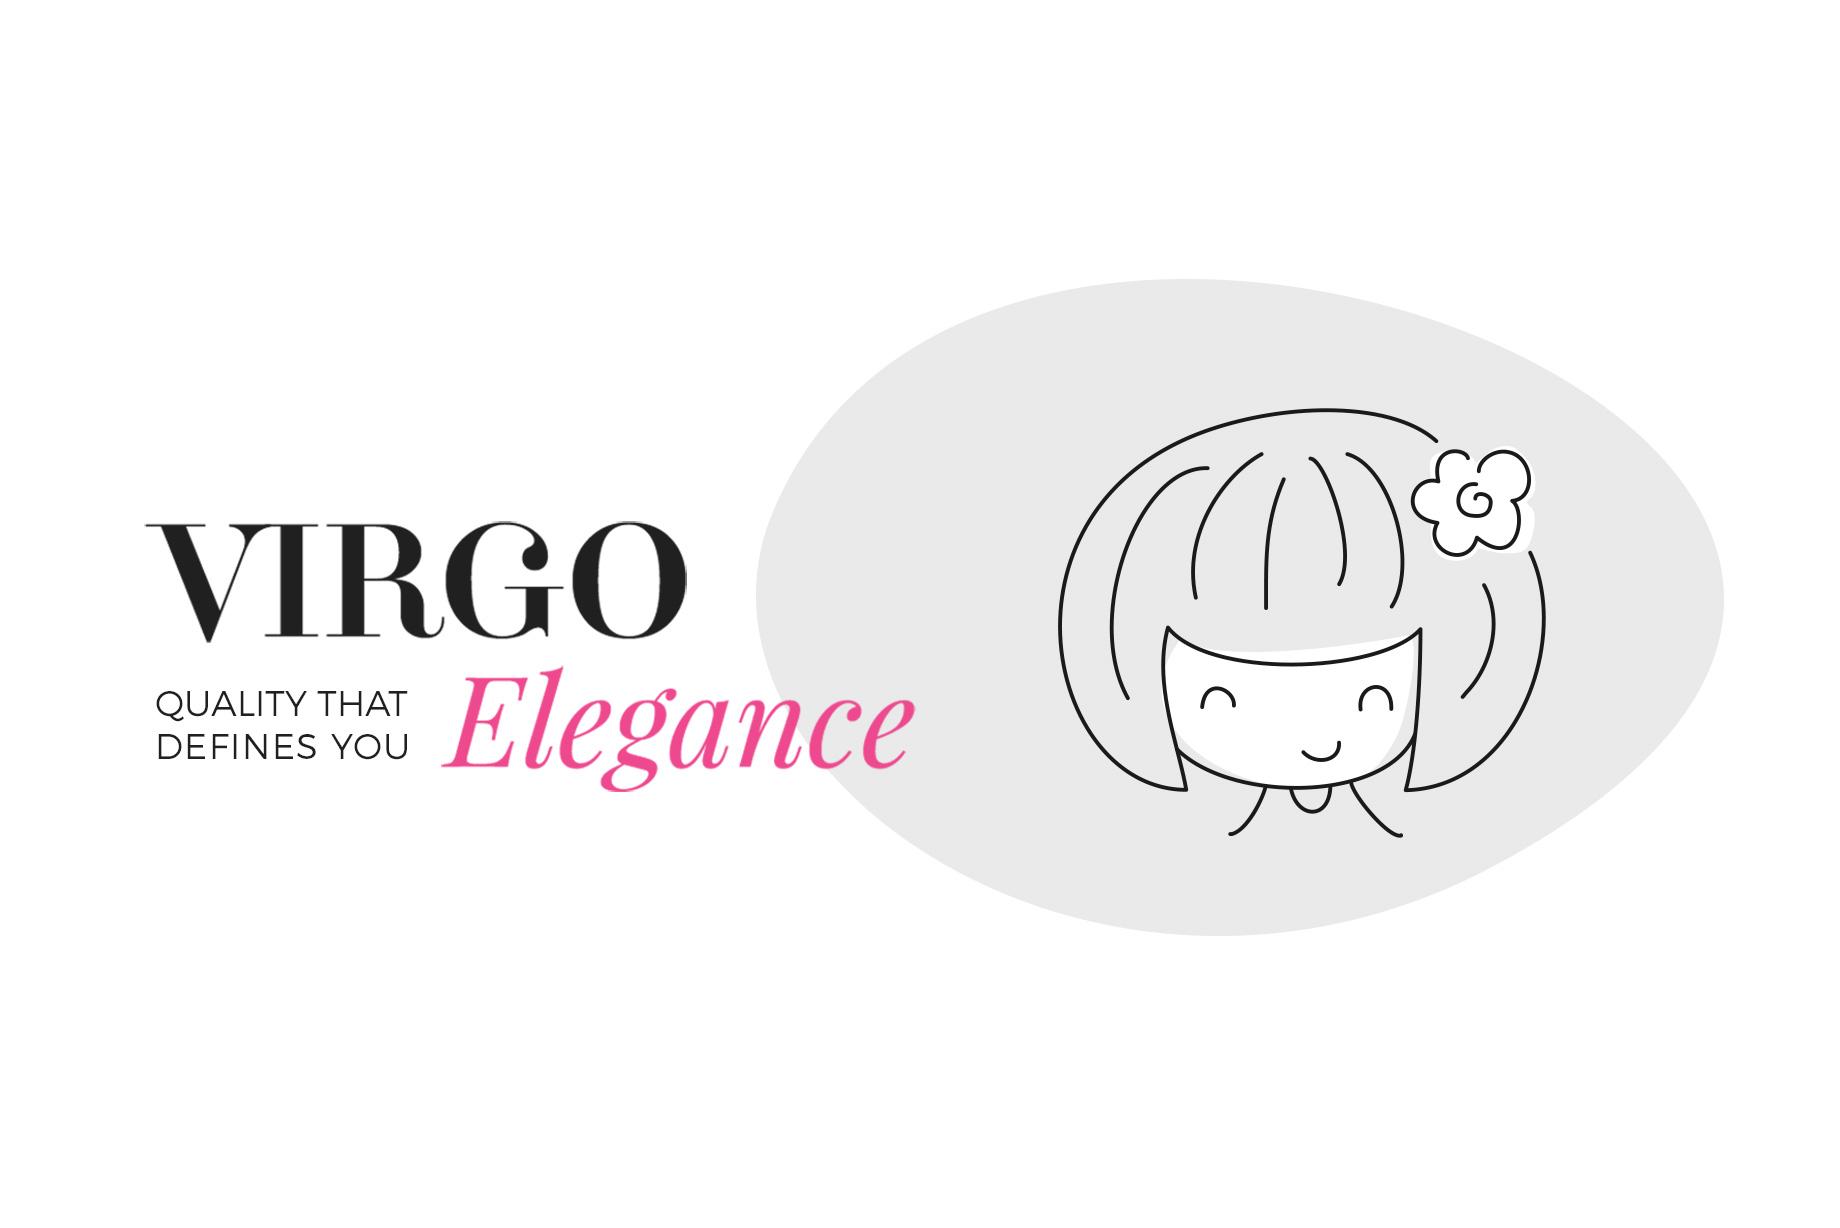 Perfume Picks For Virgo